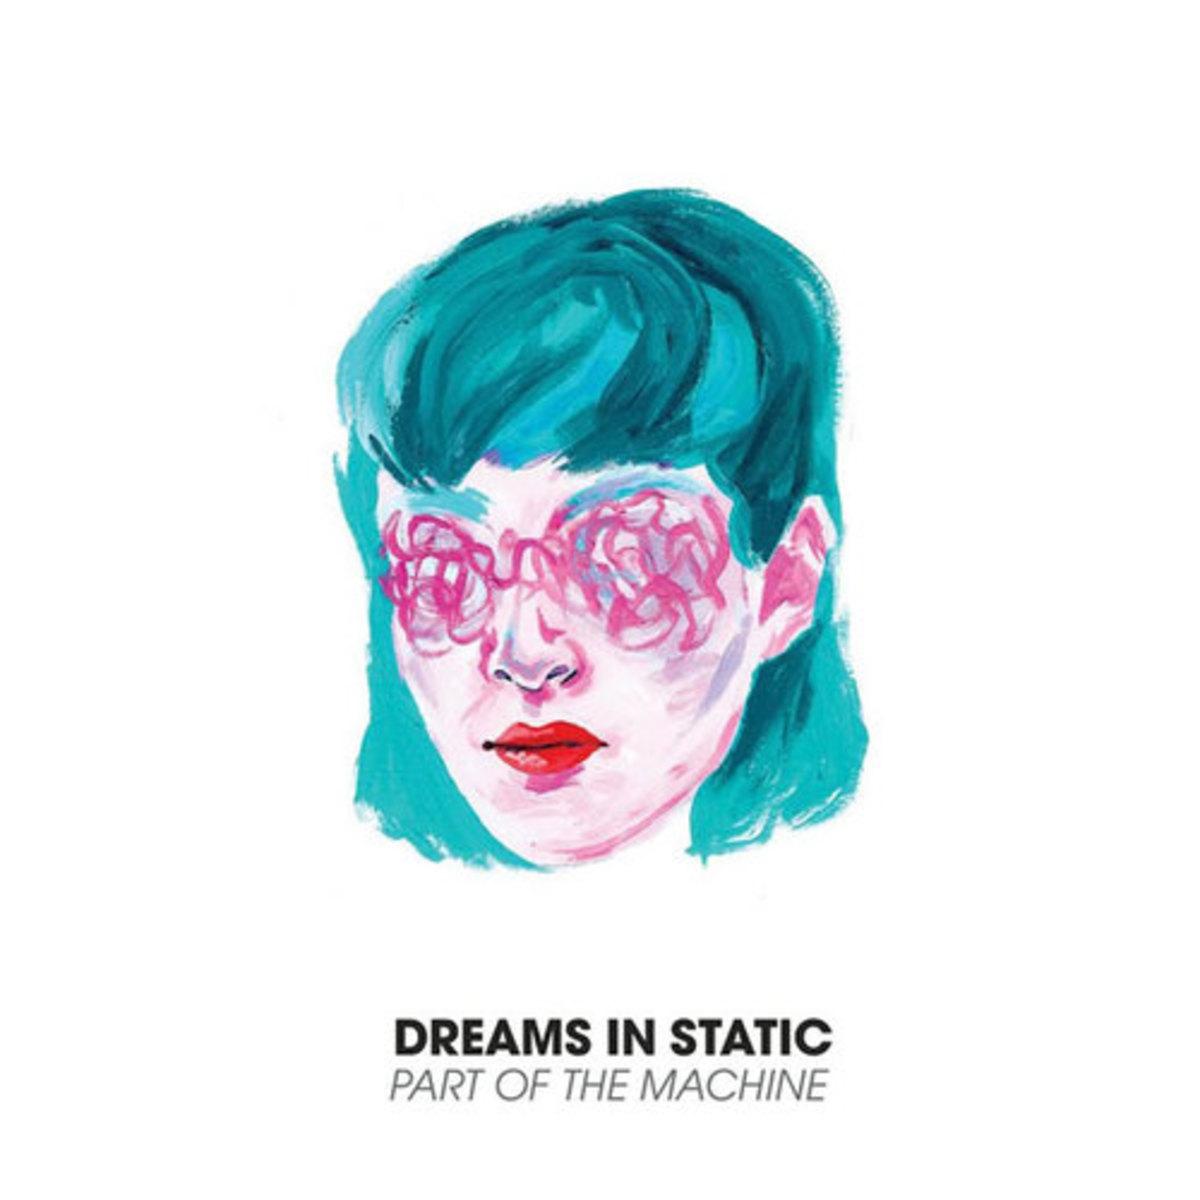 dreams-in-static-part-of-machine.jpg